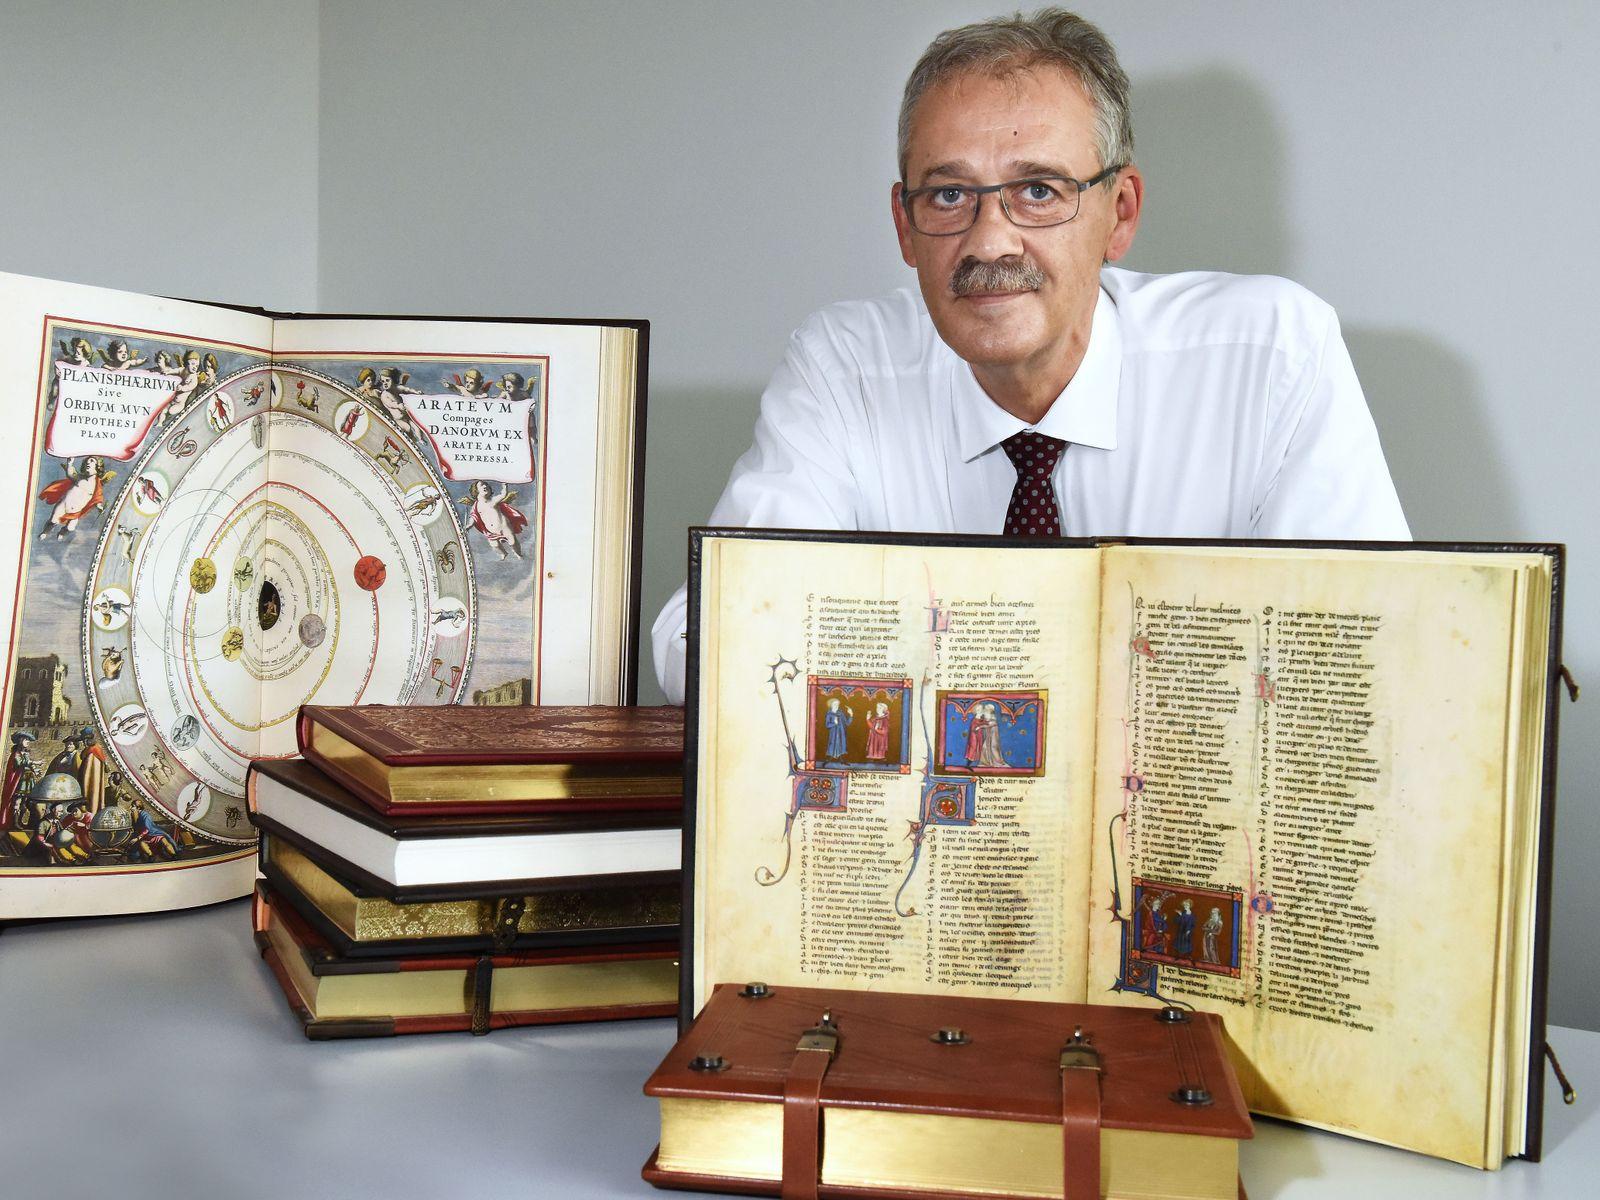 Angeblich teure alte historische Bücher